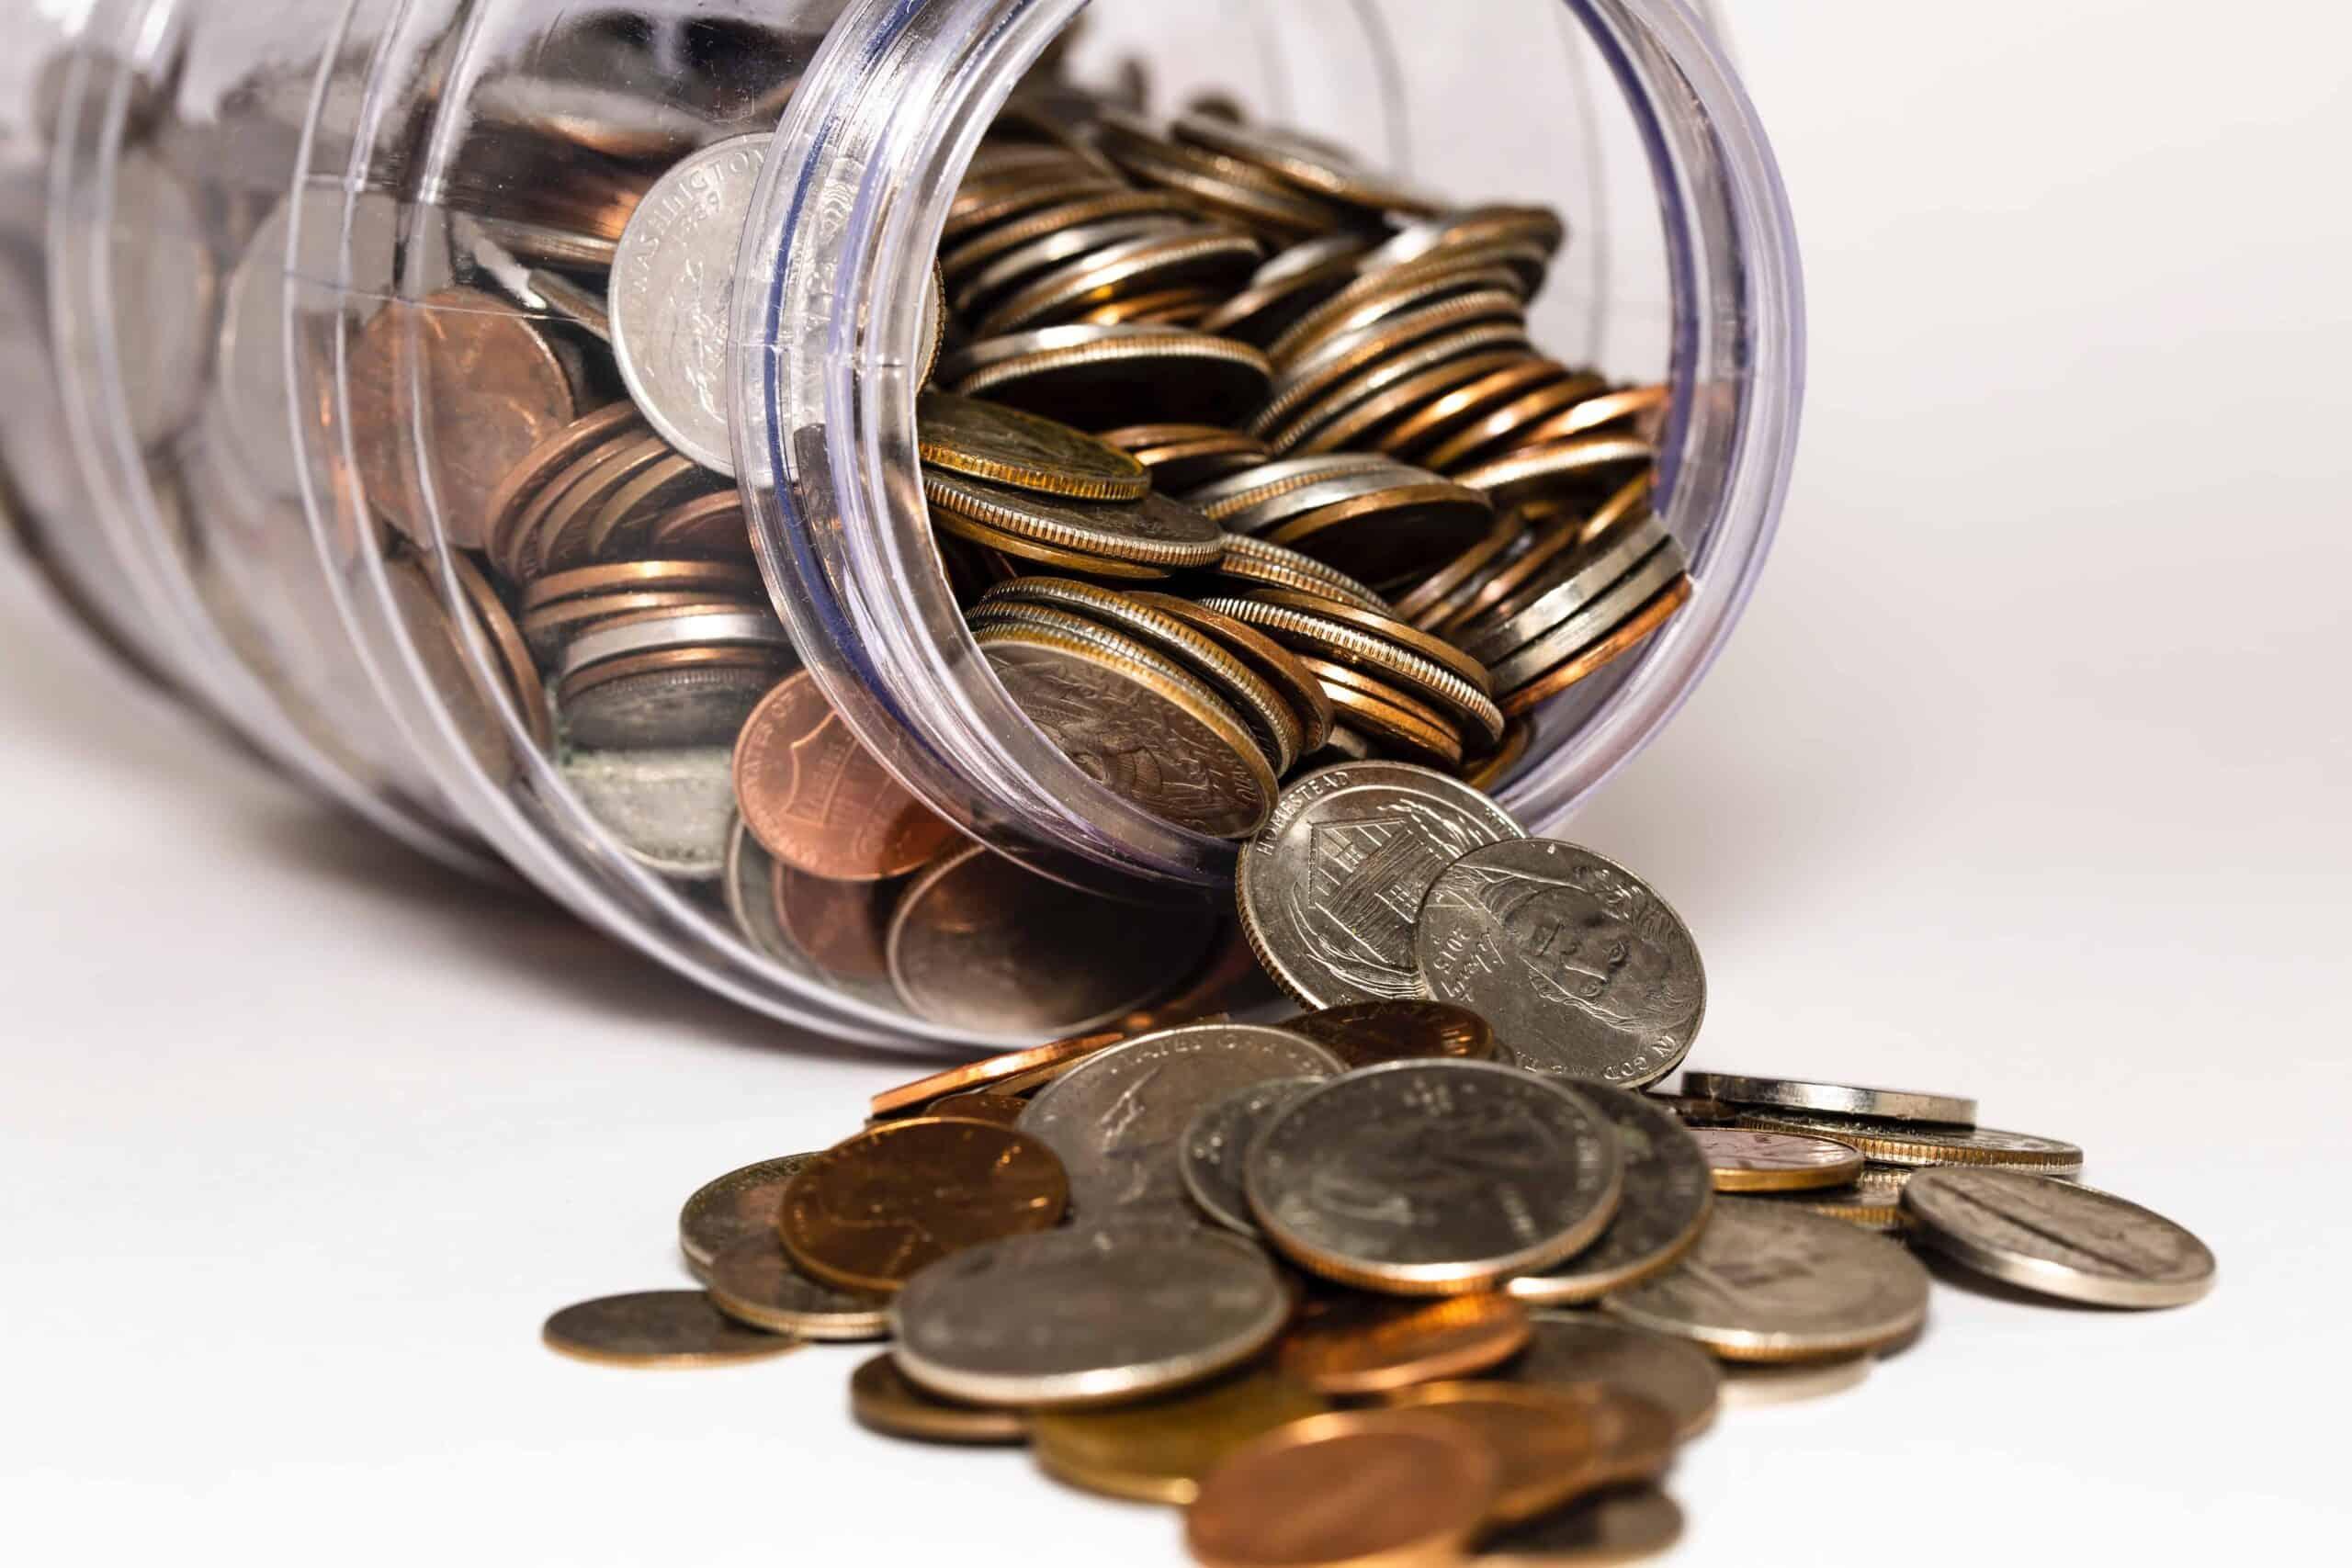 Pennystocks - FinanceMonkey